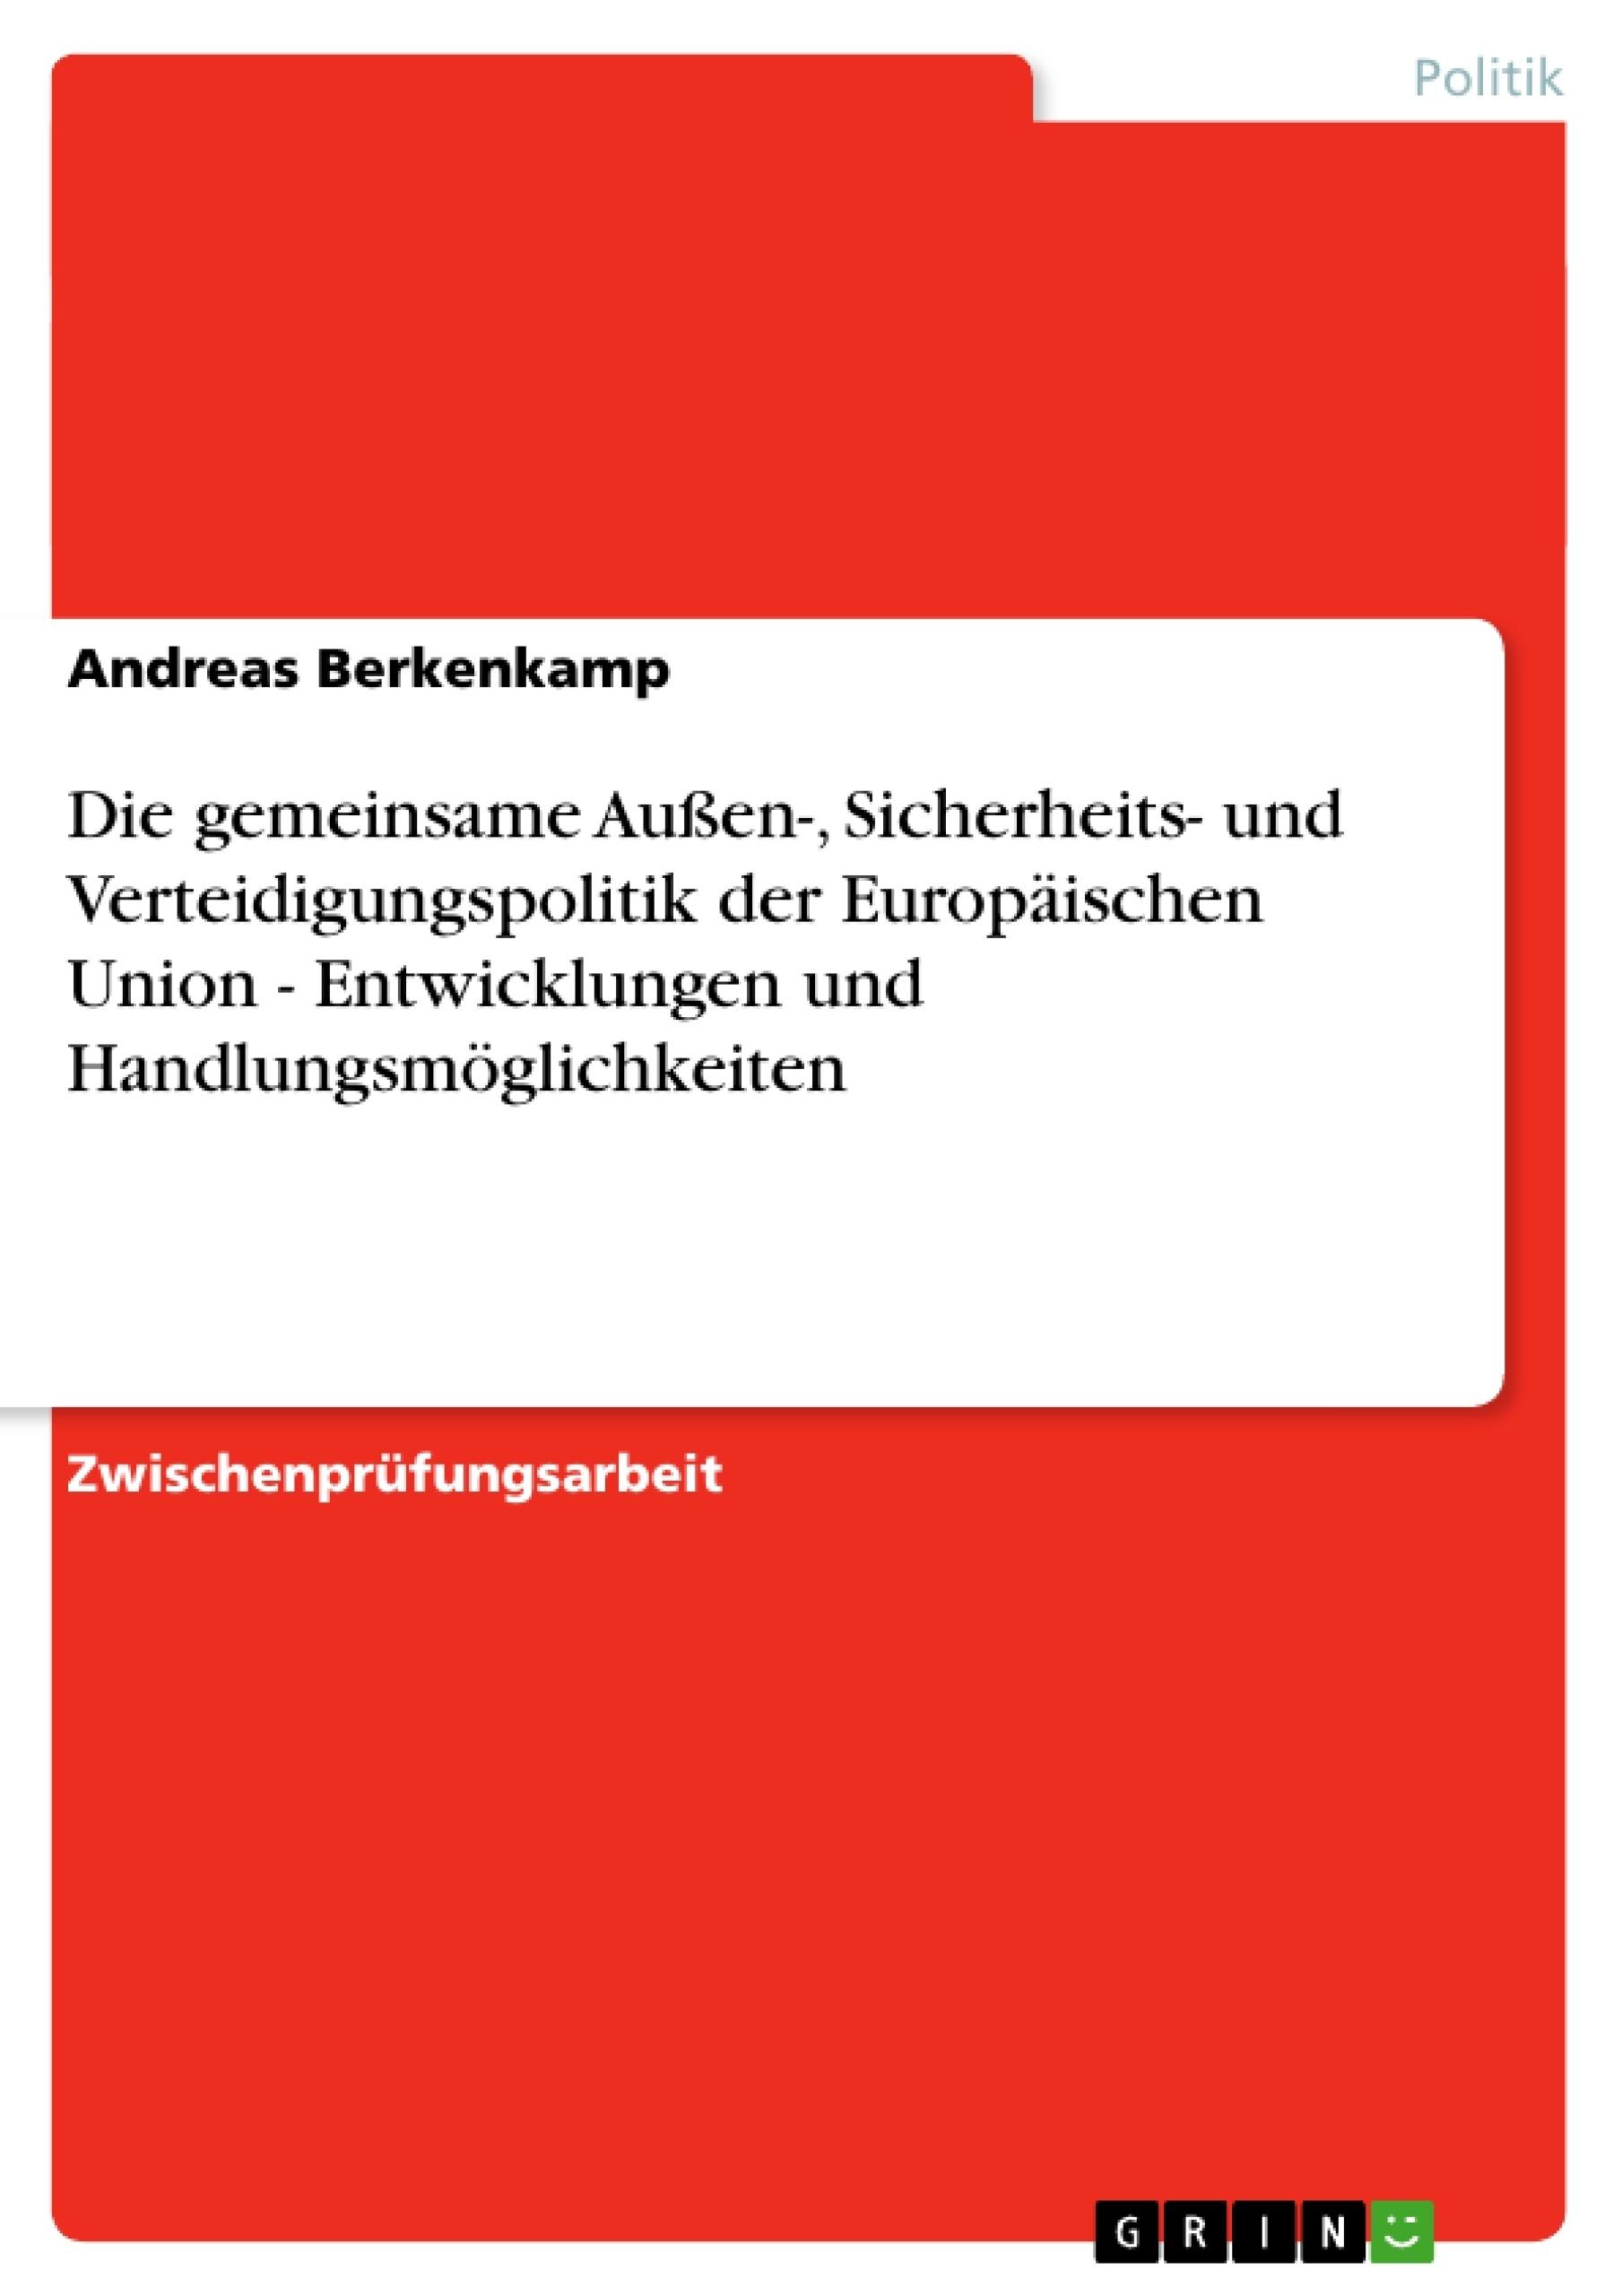 Titel: Die gemeinsame Außen-, Sicherheits- und Verteidigungspolitik der Europäischen Union - Entwicklungen und Handlungsmöglichkeiten